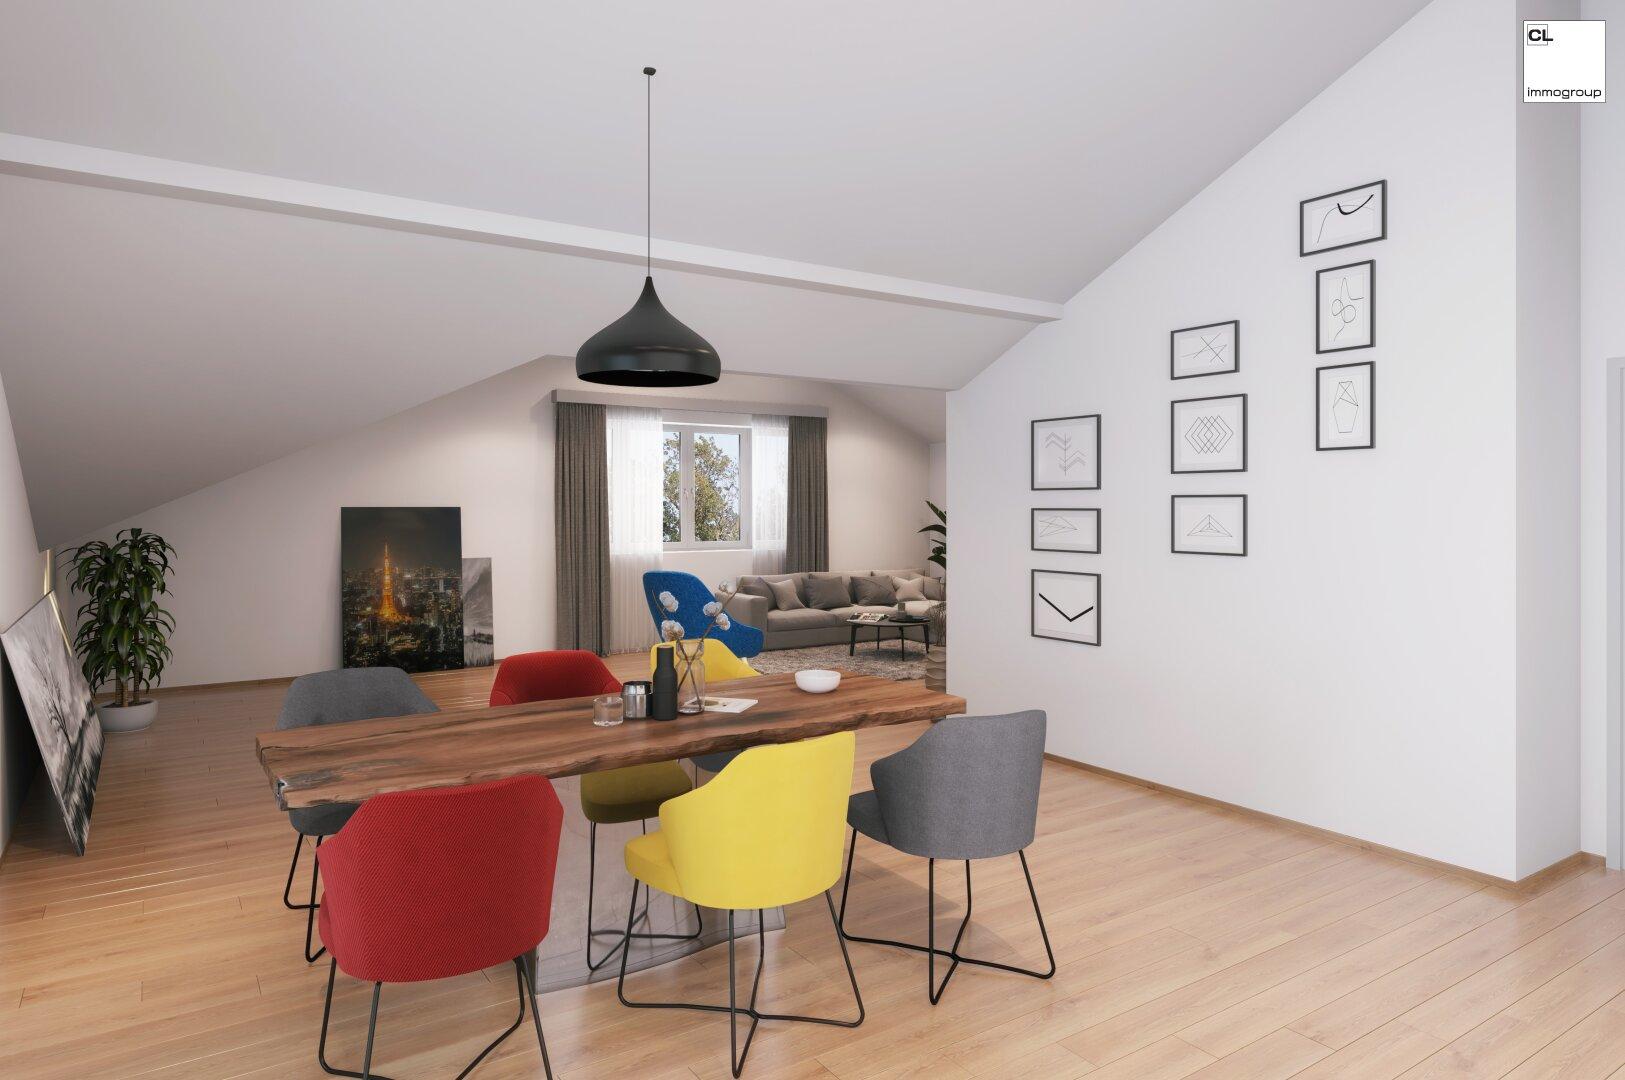 Beispielfoto für eine Einrichtung im Wohn-Essbereich